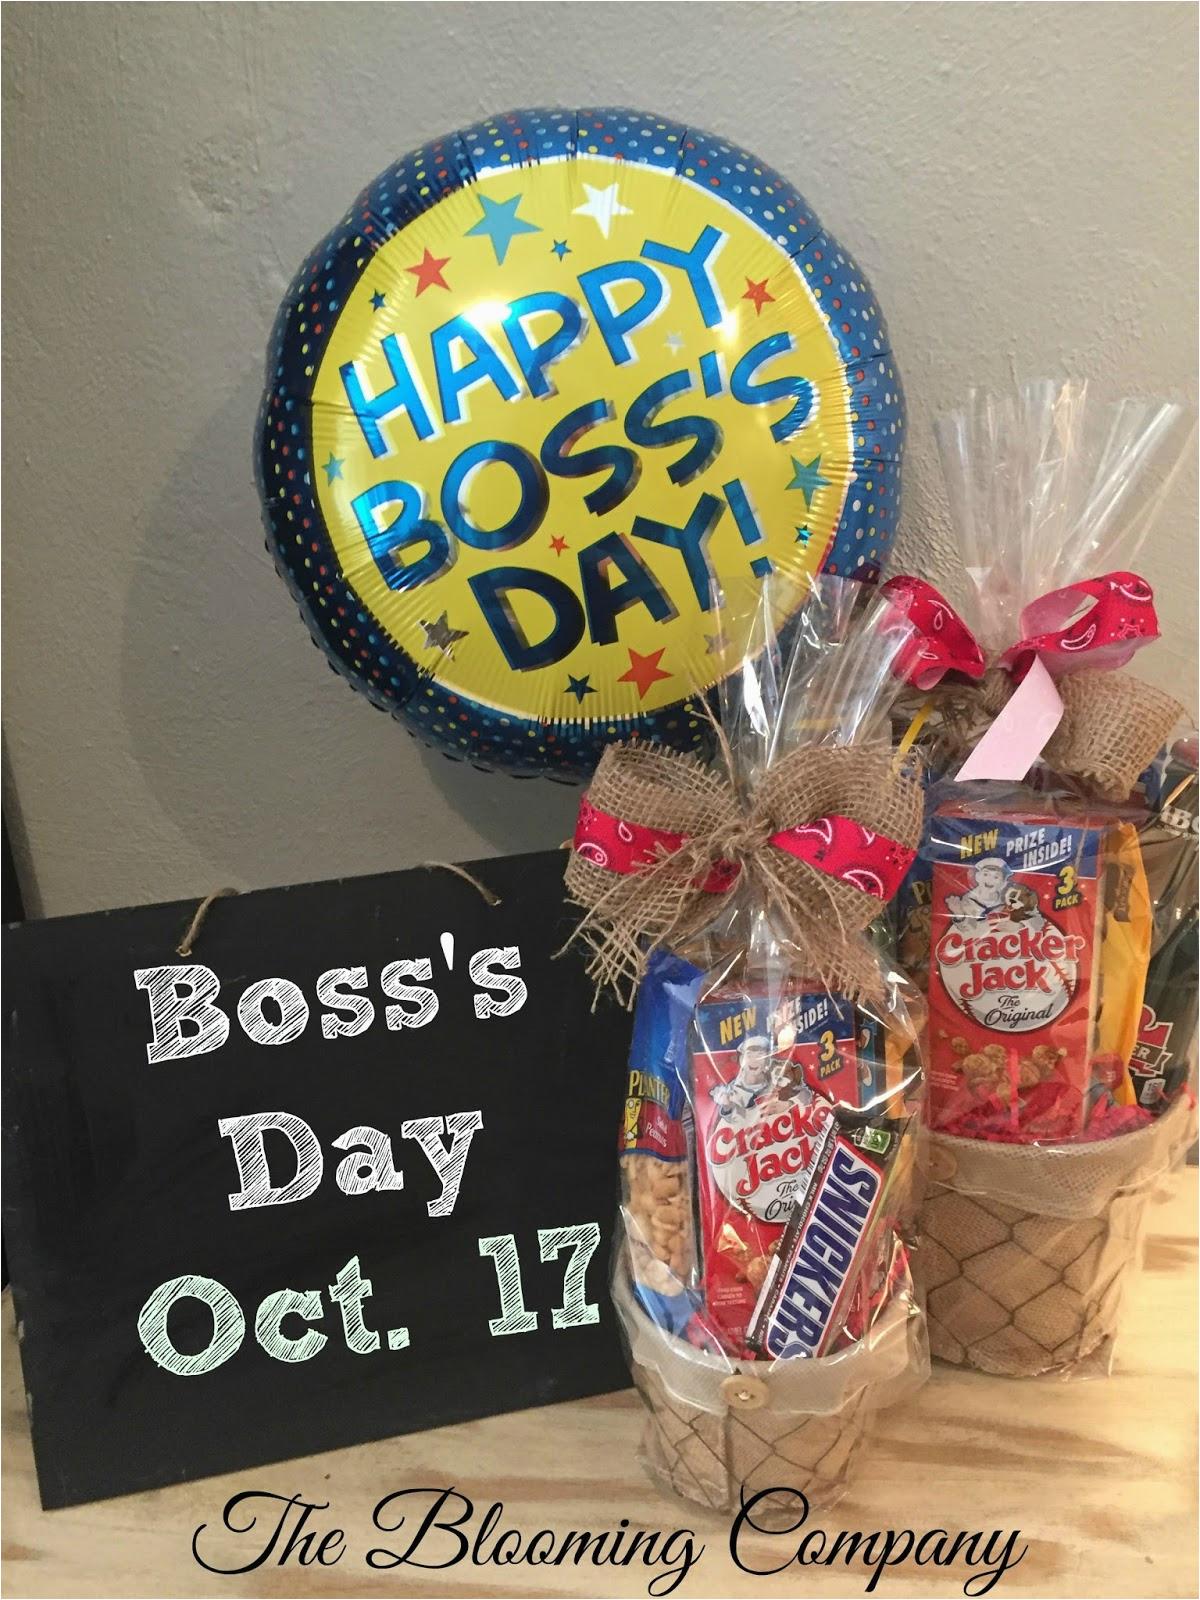 bosss day spref pi